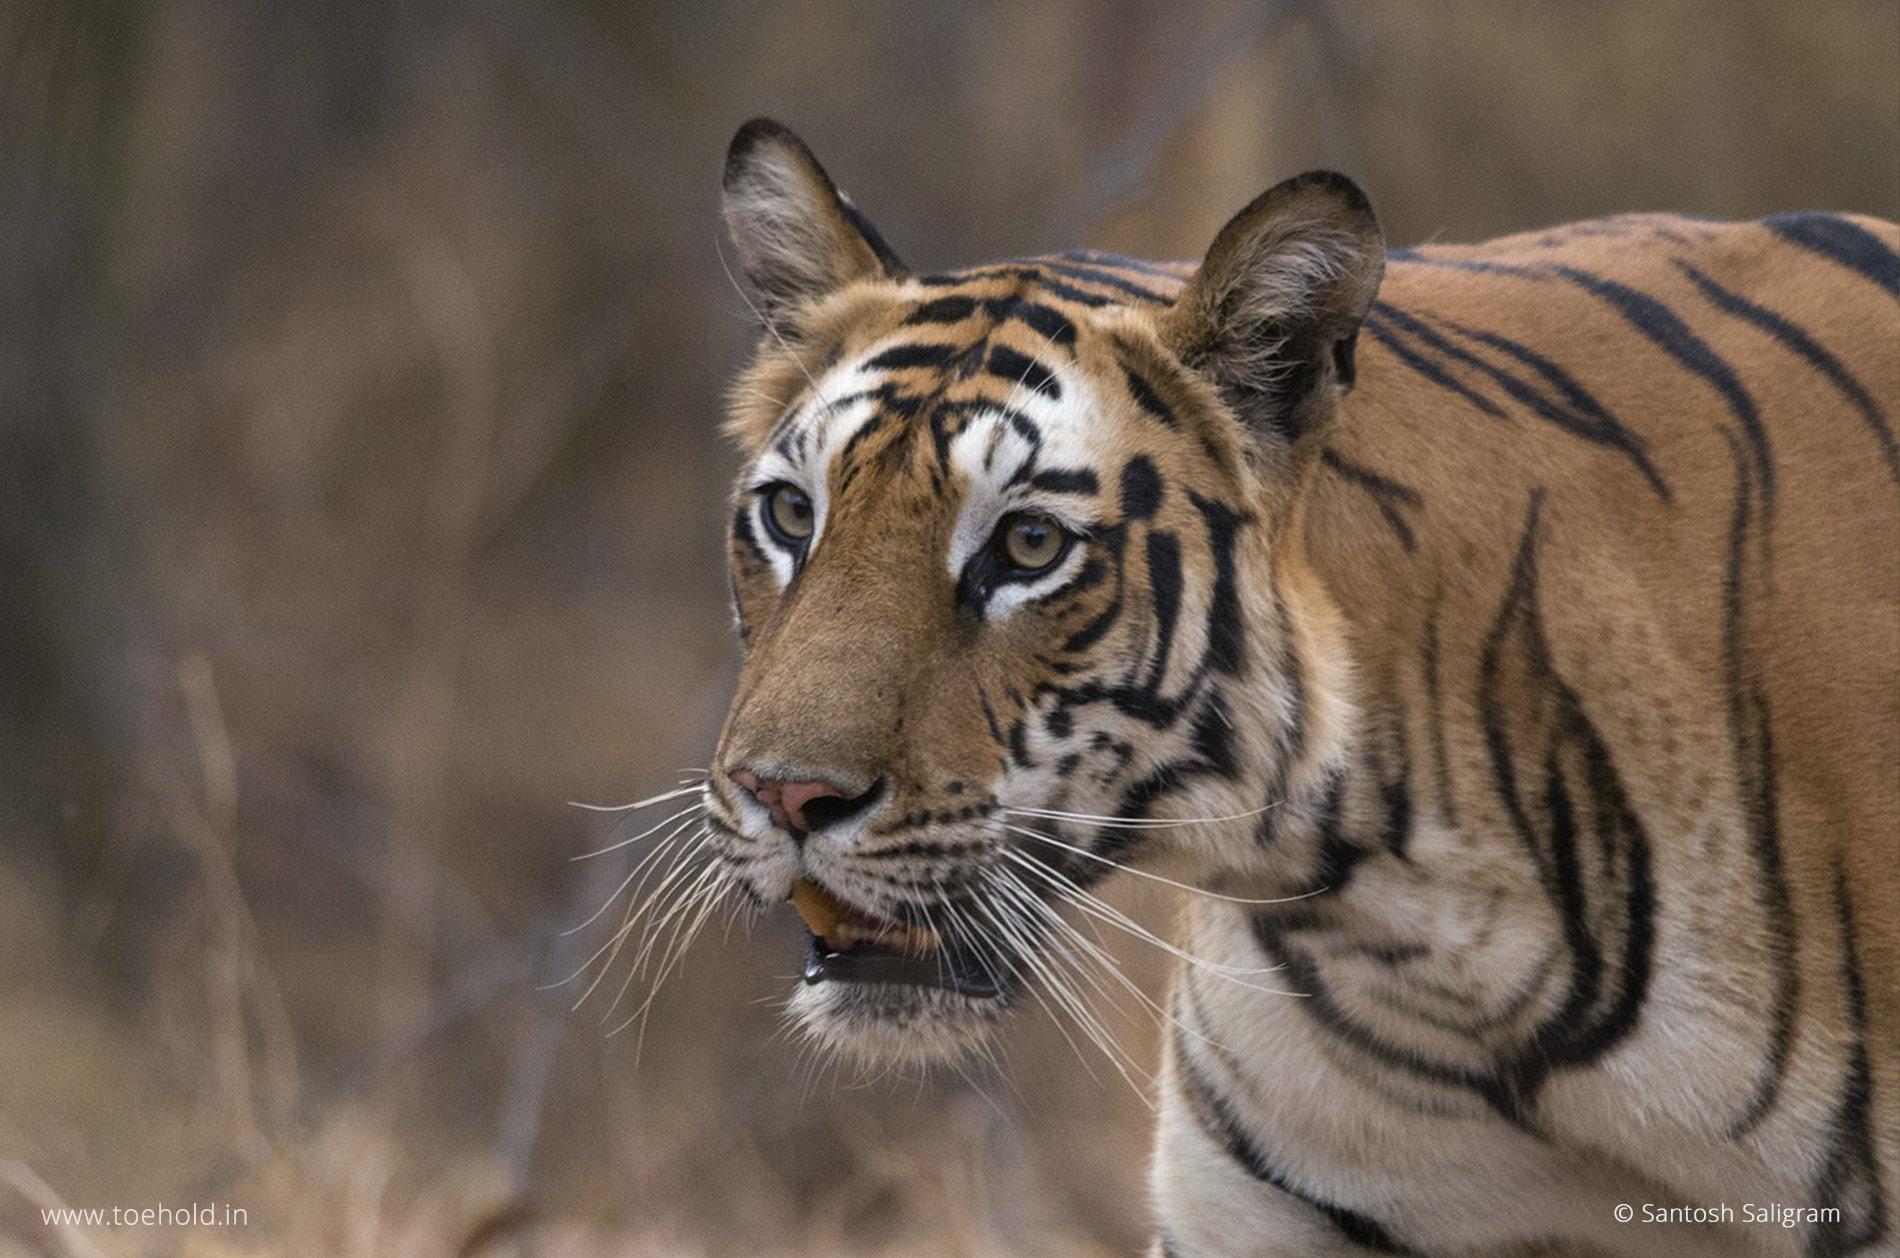 Mirchani, a Bandhavgarh tiger